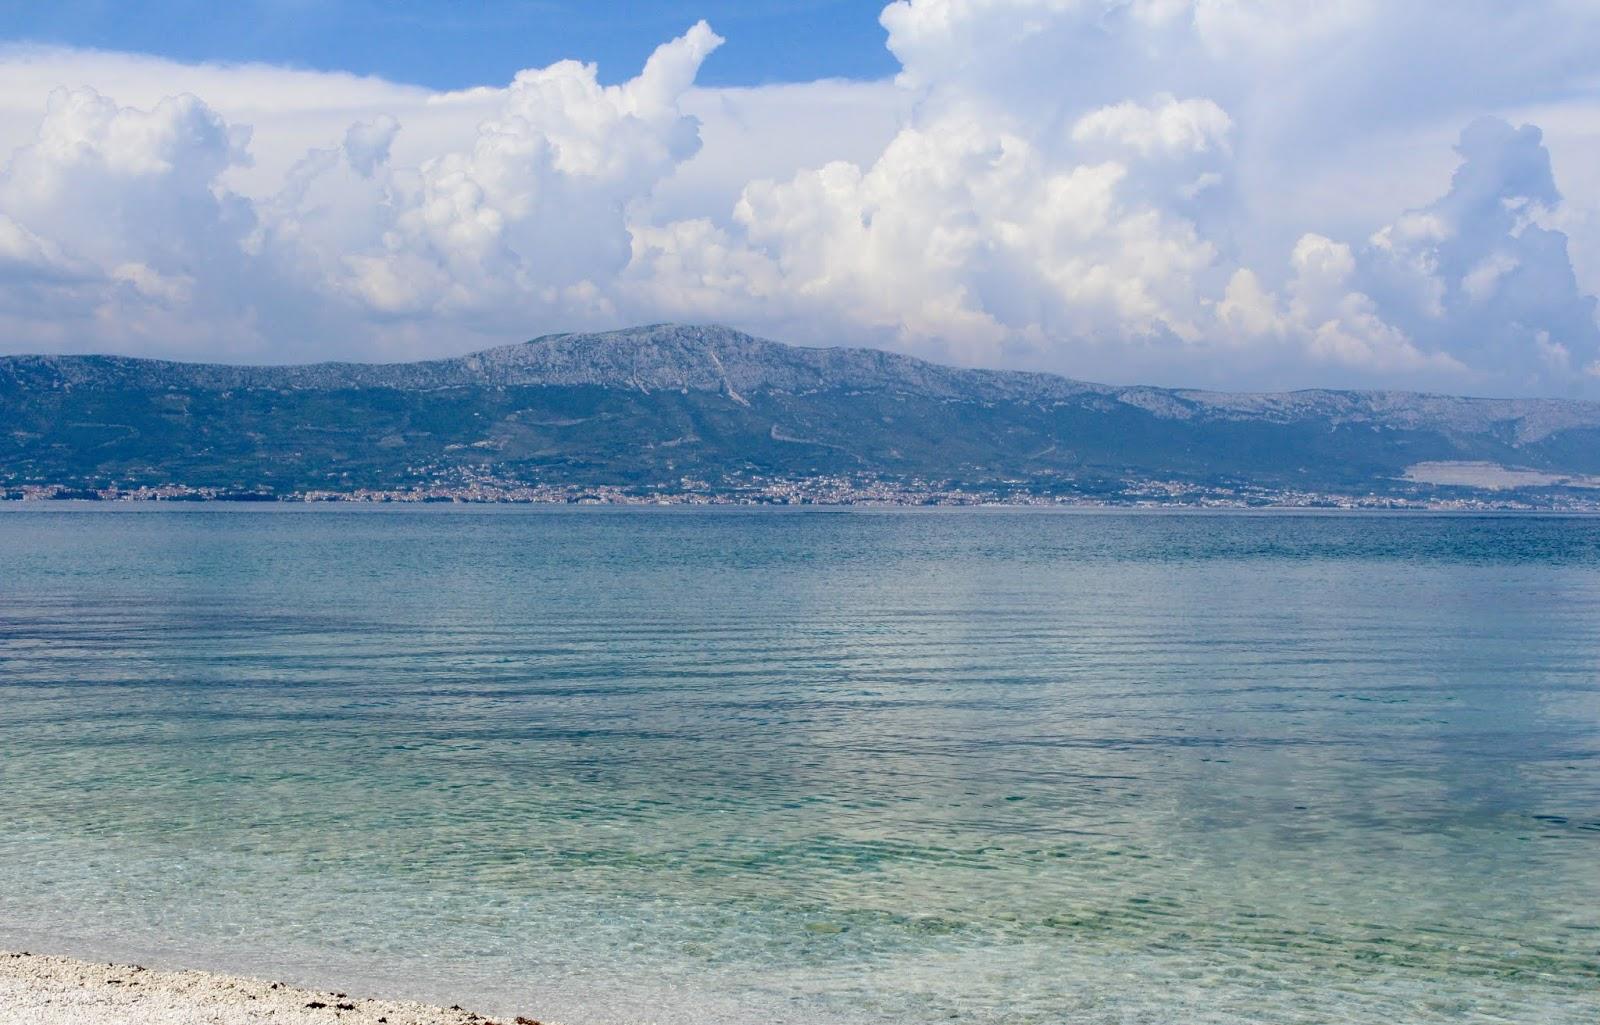 Türkisblaue Adria auf der Insel Ciovo